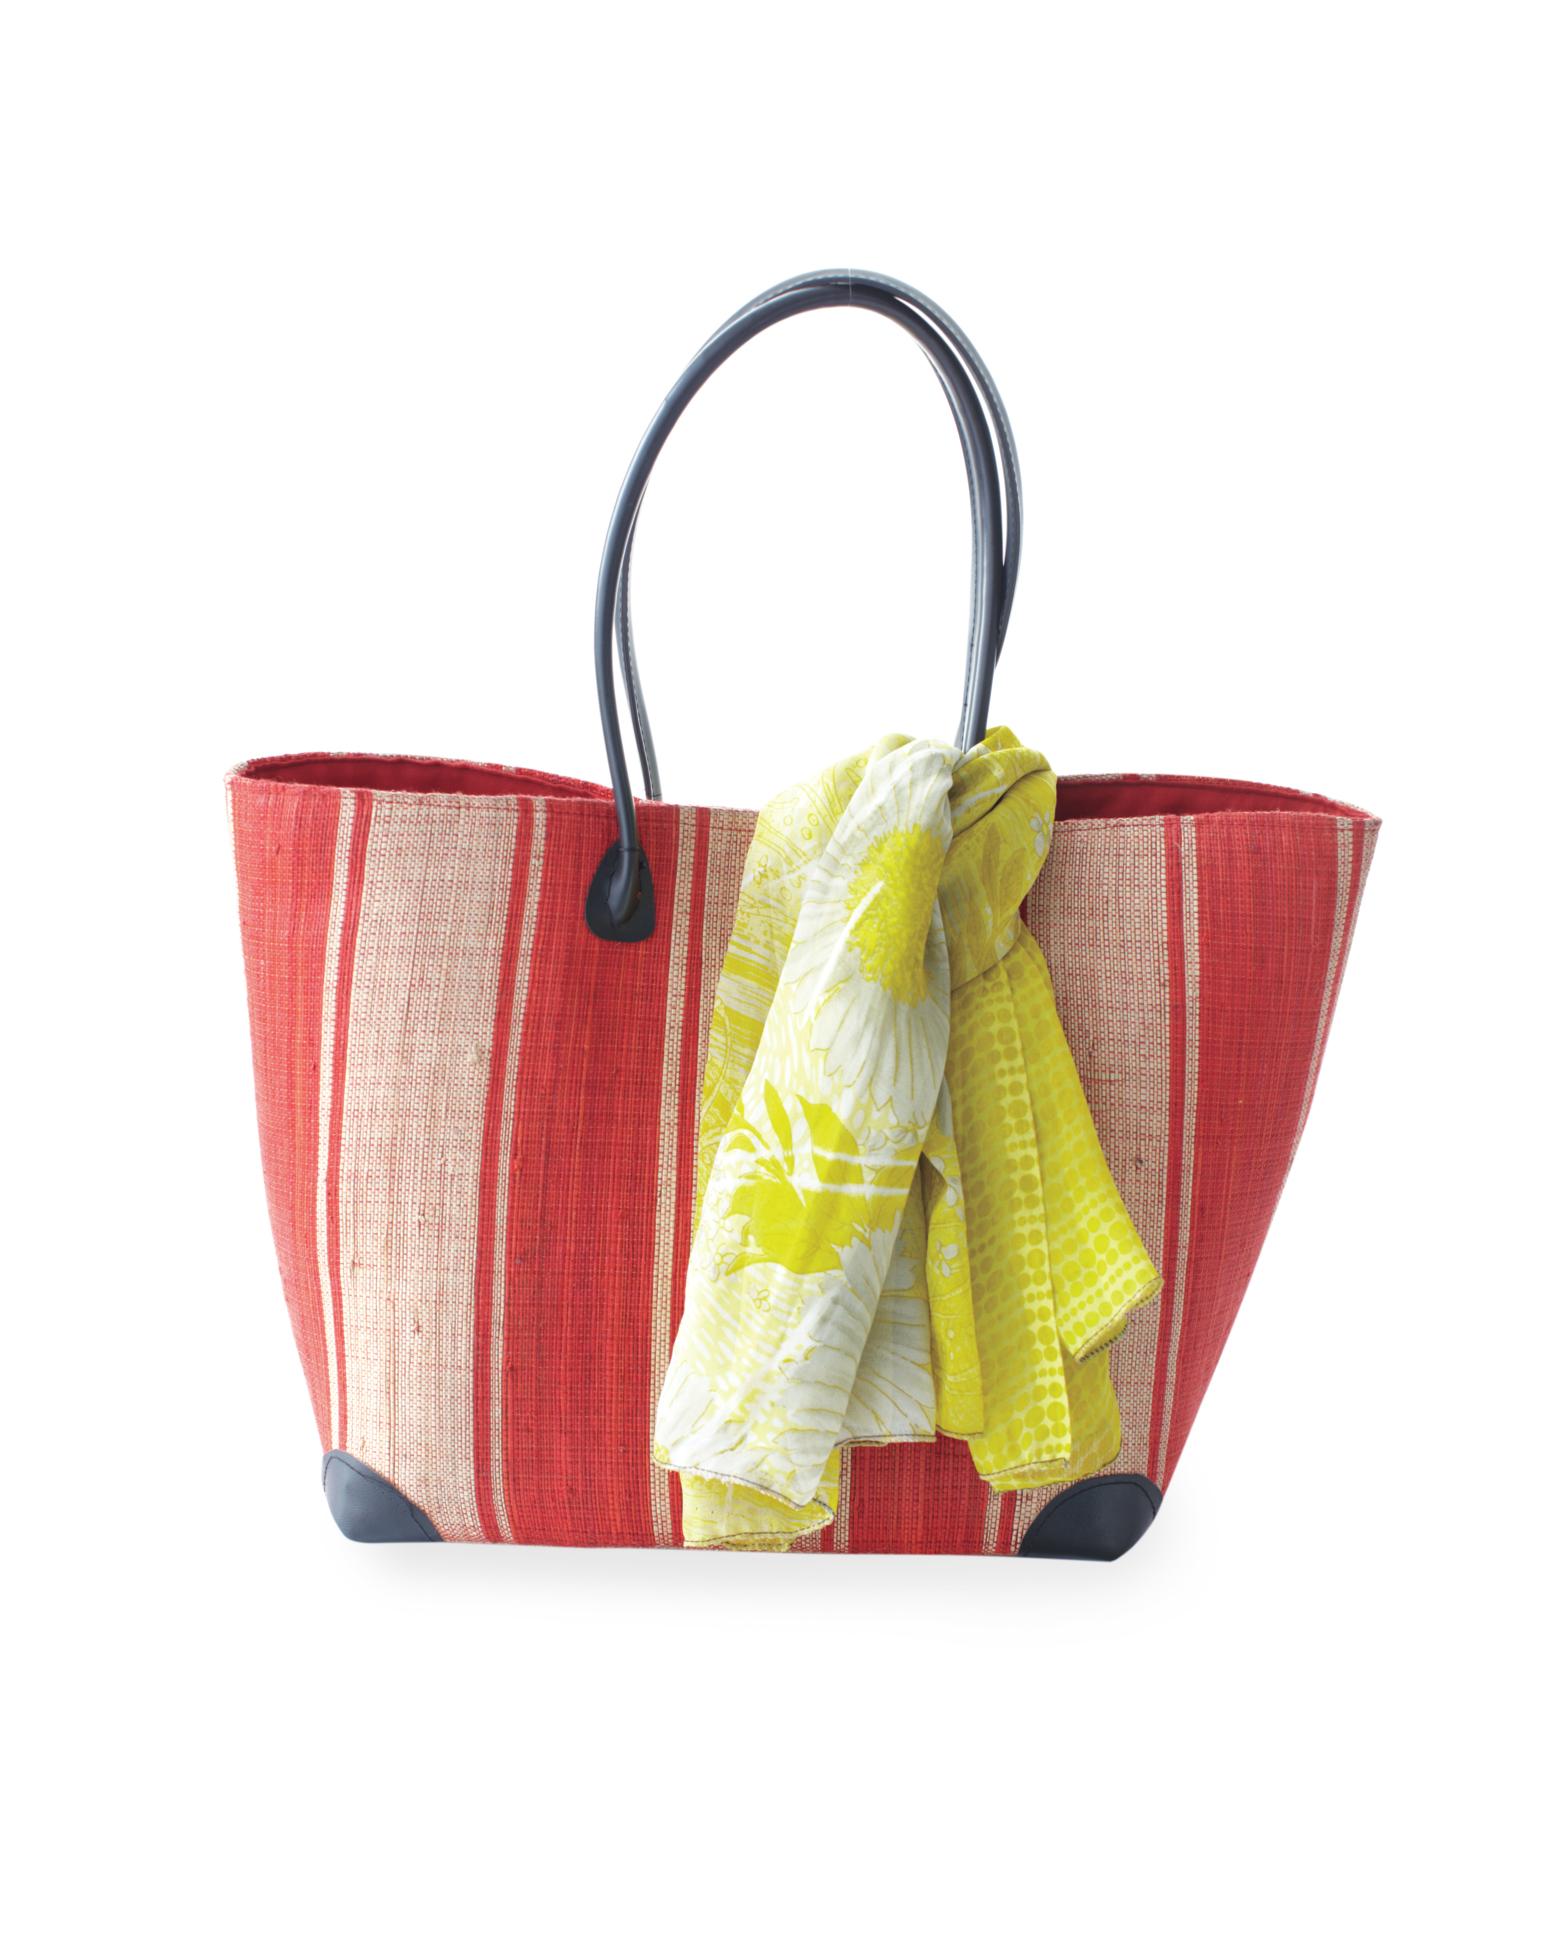 elizabeth-tom-honeymoon-bags-mwds109105.jpg